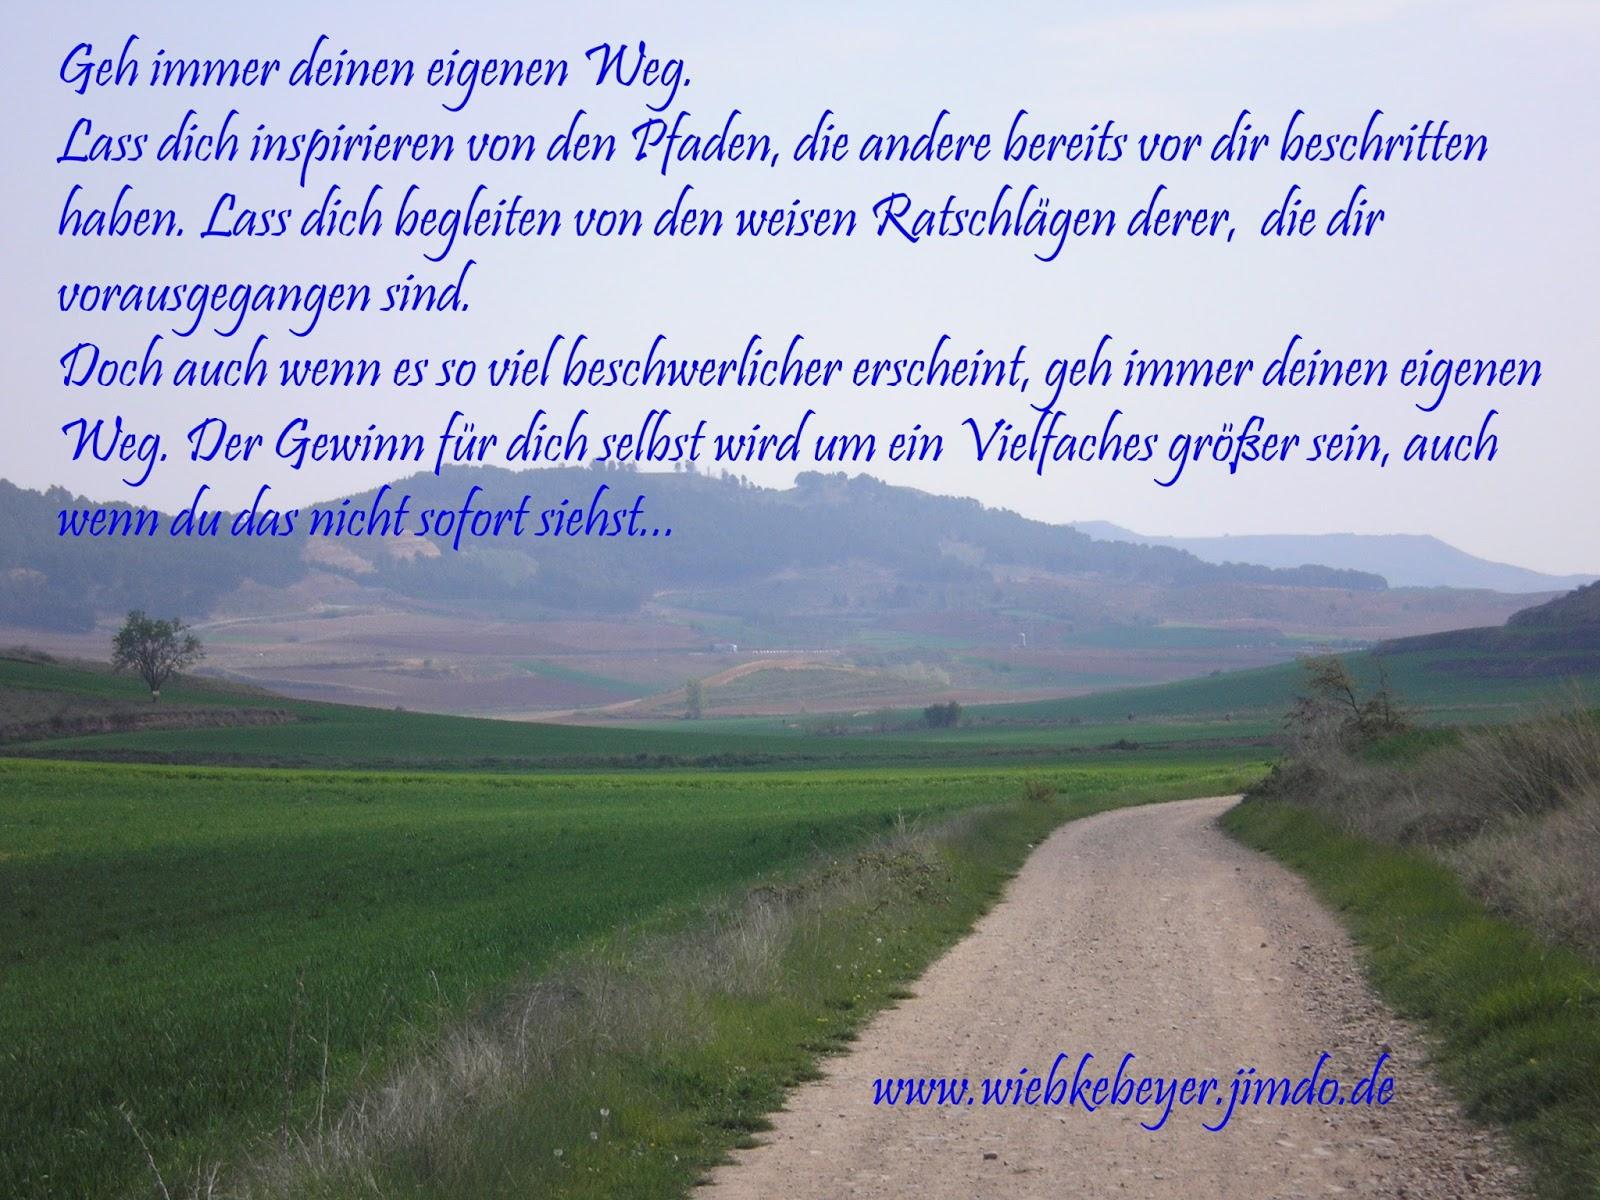 wiebke b. beyer: eigene wege gehen